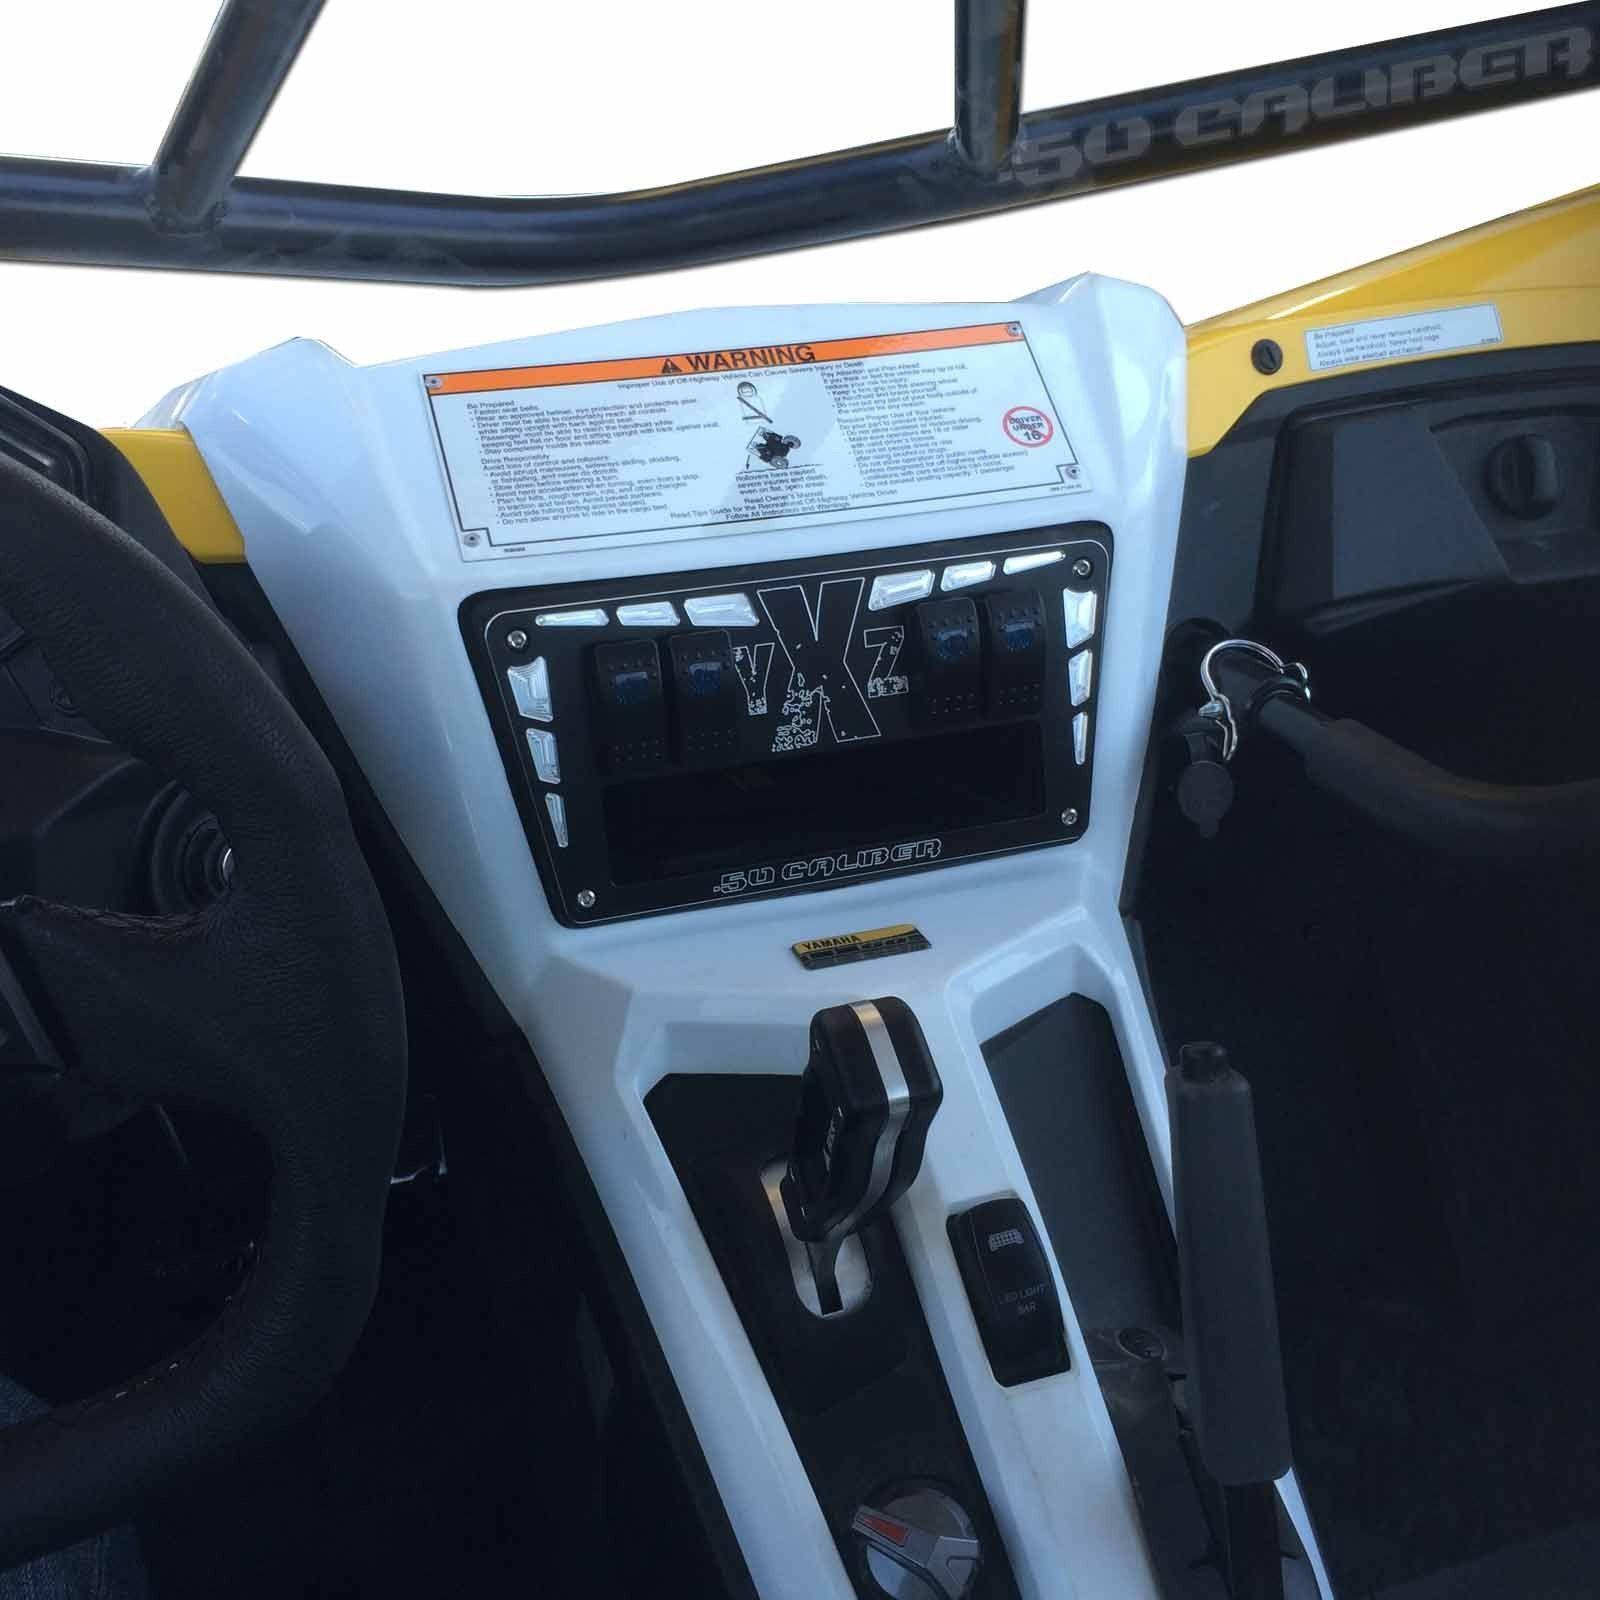 Billet Cnc 4 Rocker Switch Dash Panel Plate Bezel Yamaha